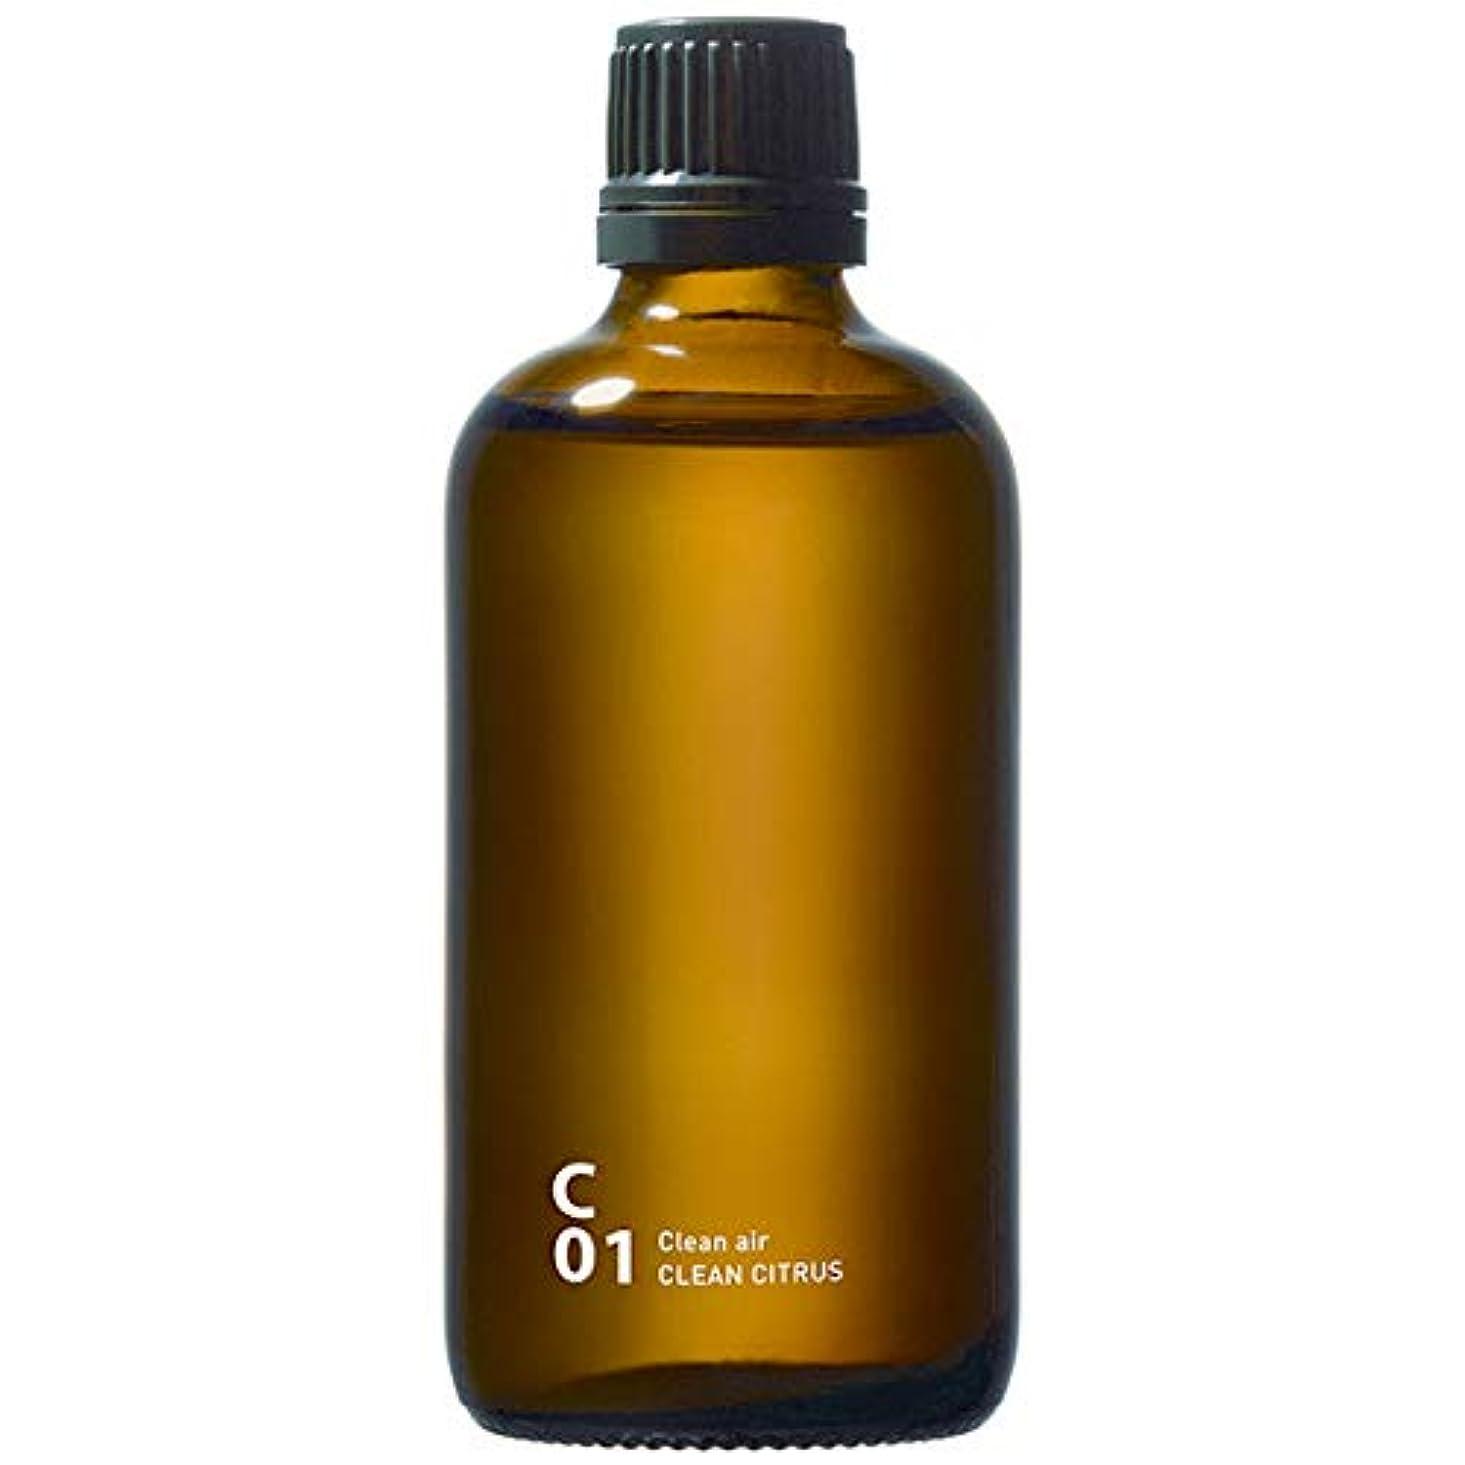 同等の地下室ビザC01 CLEAN CITRUS piezo aroma oil 100ml